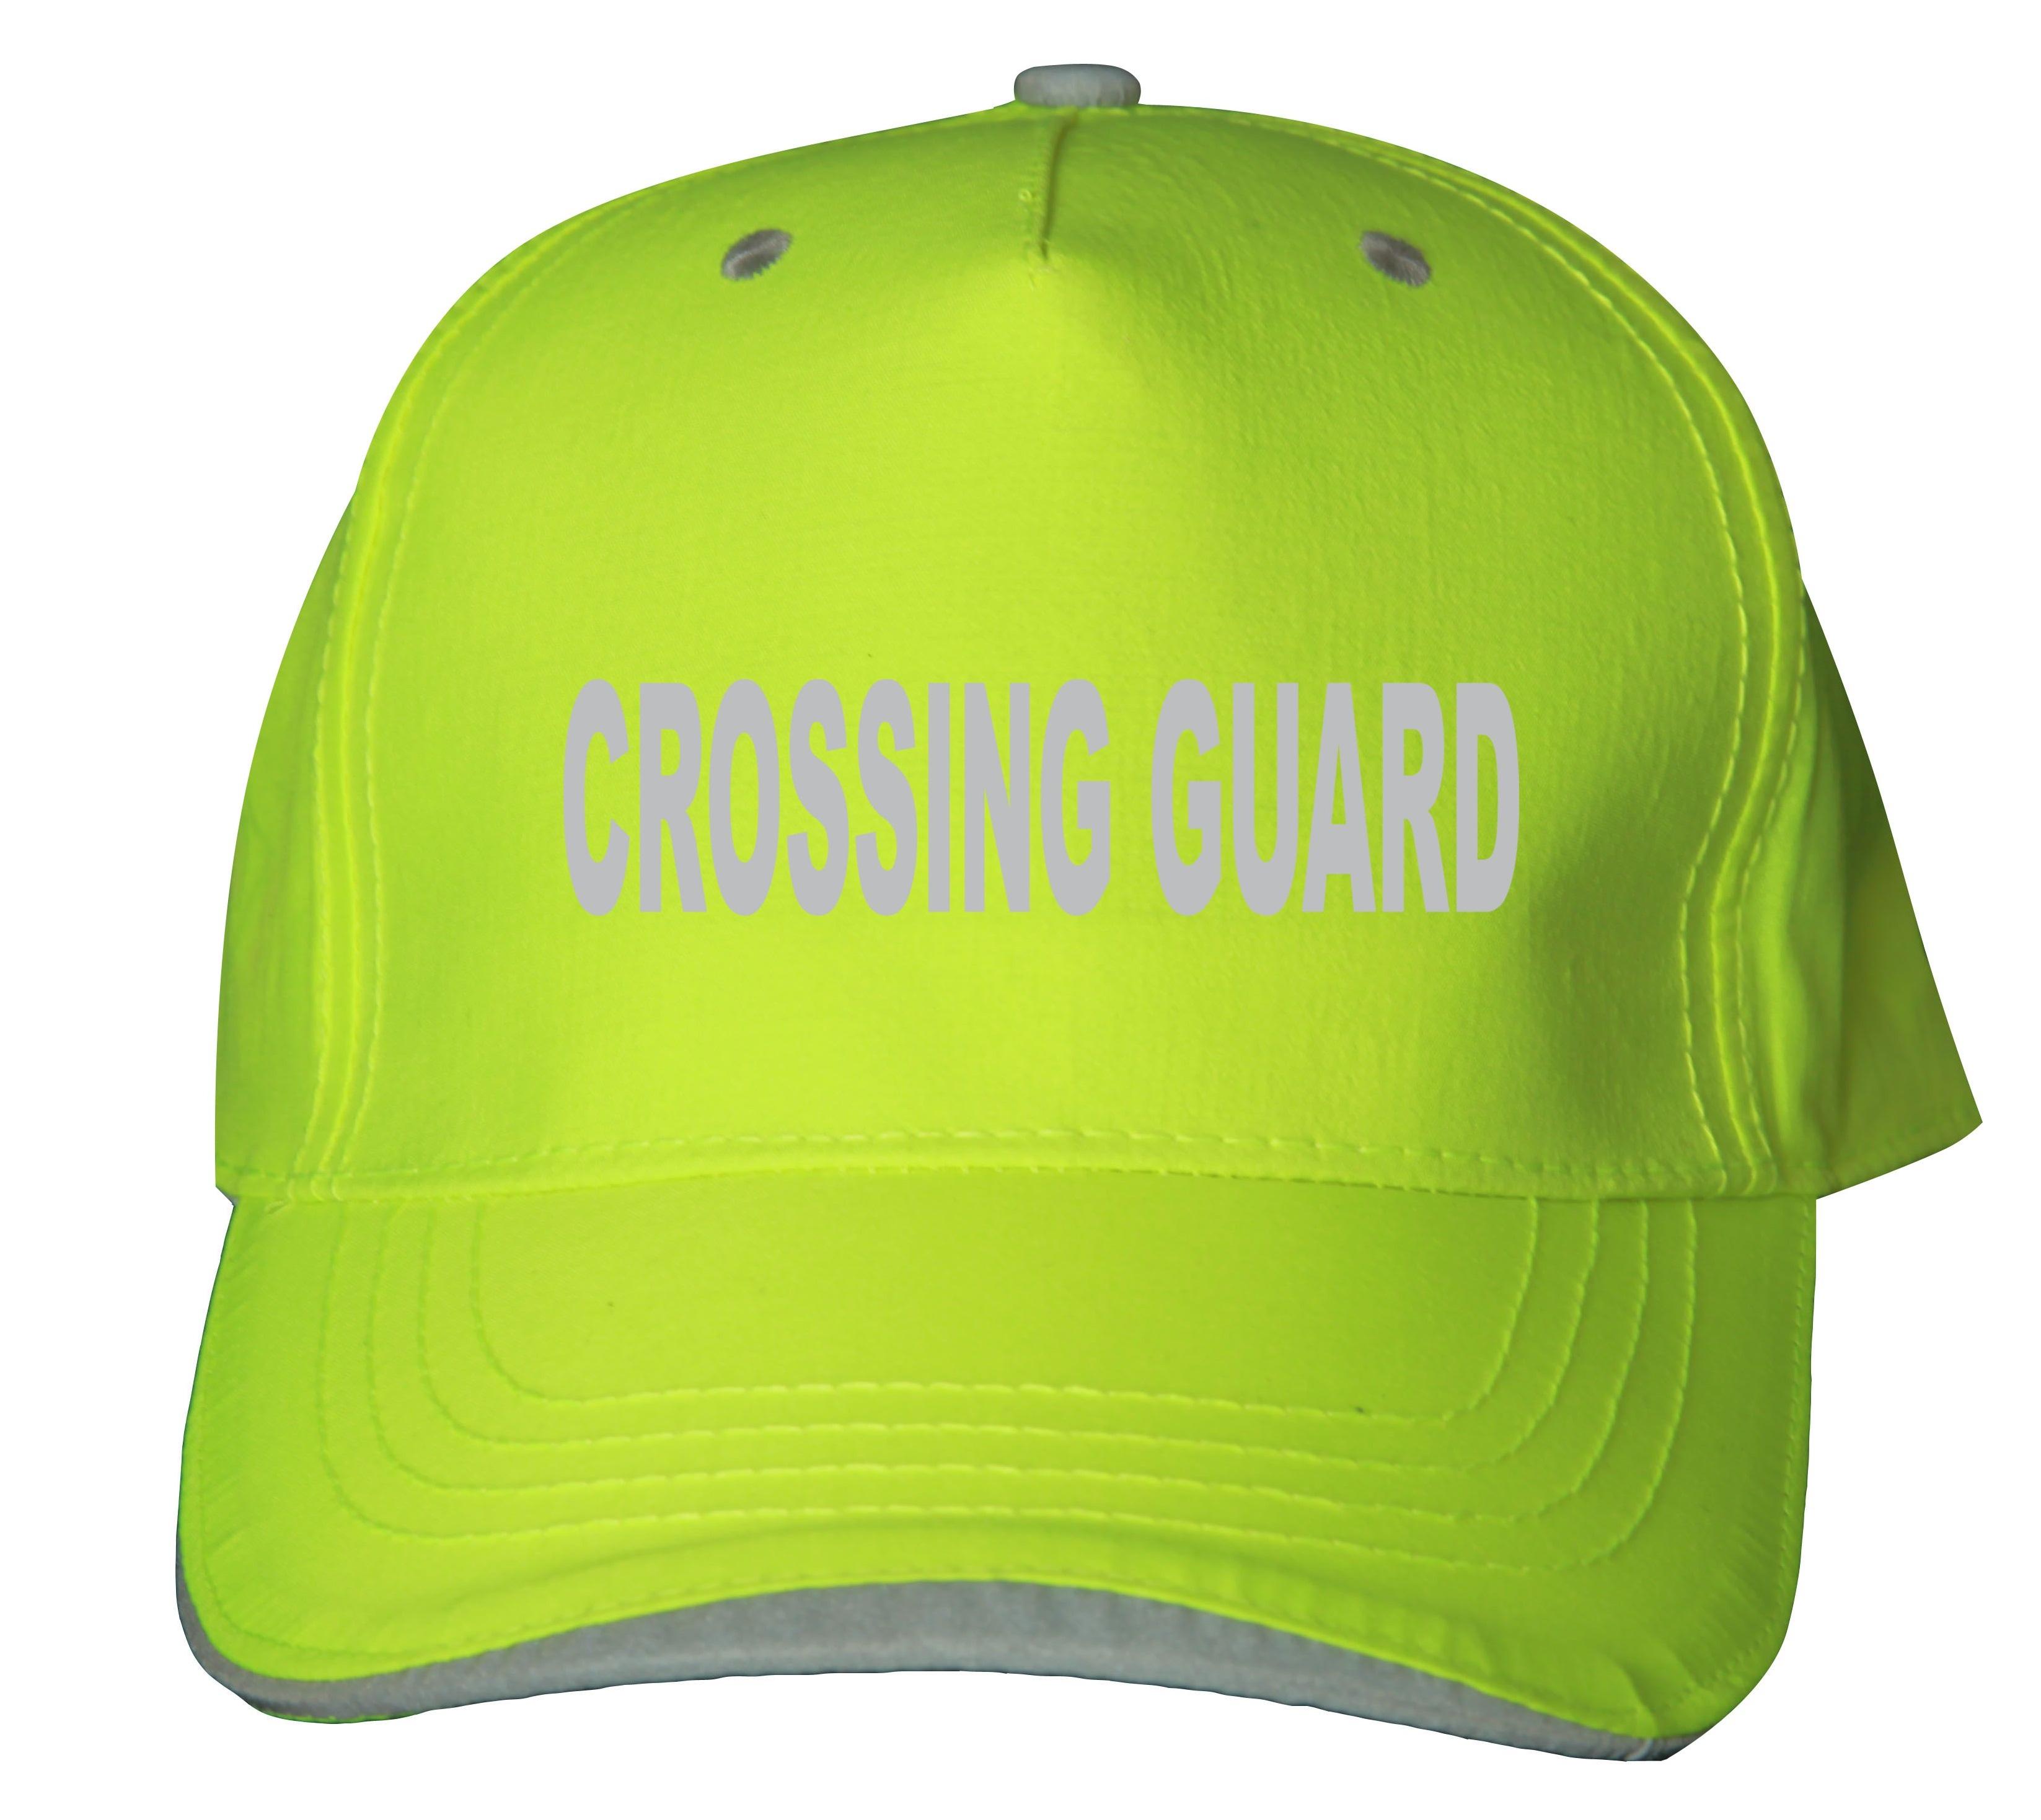 crossing-guard-lime.jpg